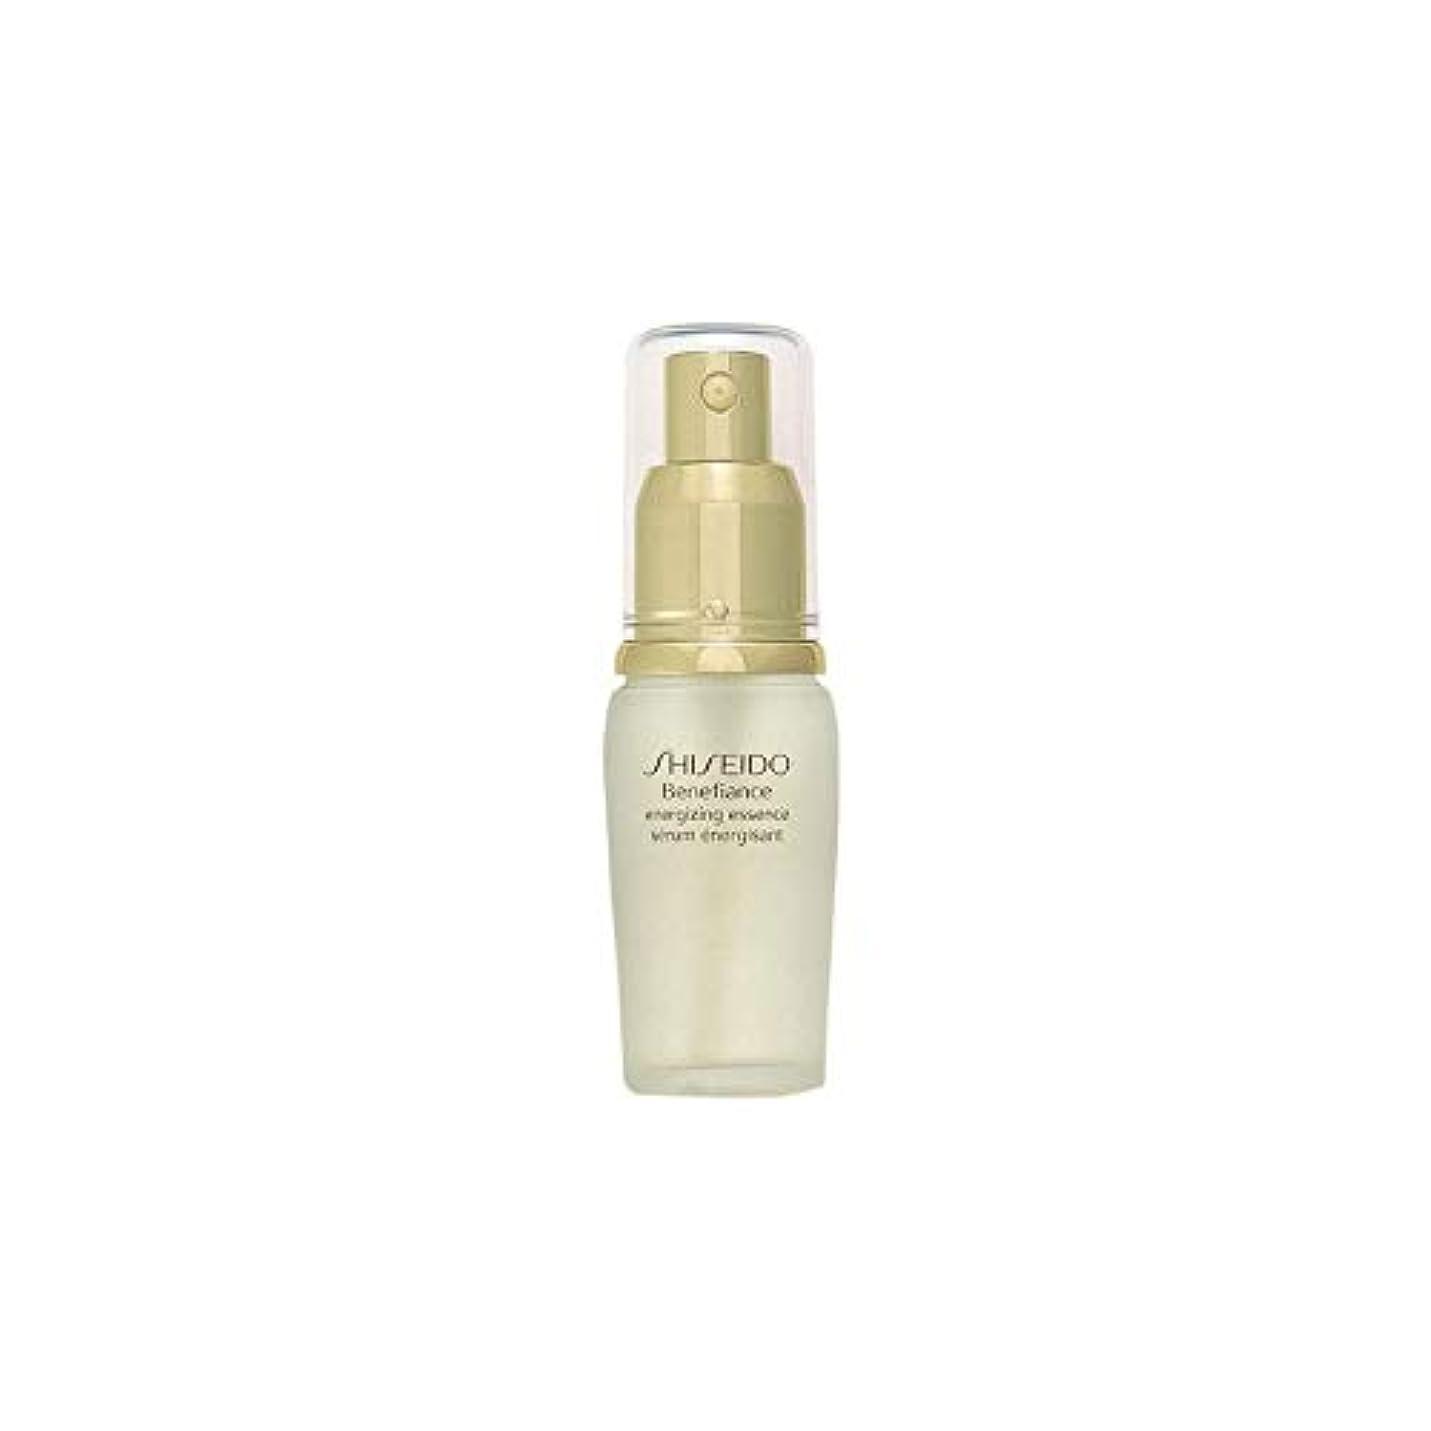 列車取り除くお母さん[Shiseido] 資生堂ベネフィアンス通電エッセンス(30ミリリットル) - Shiseido Benefiance Energising Essence (30ml) [並行輸入品]